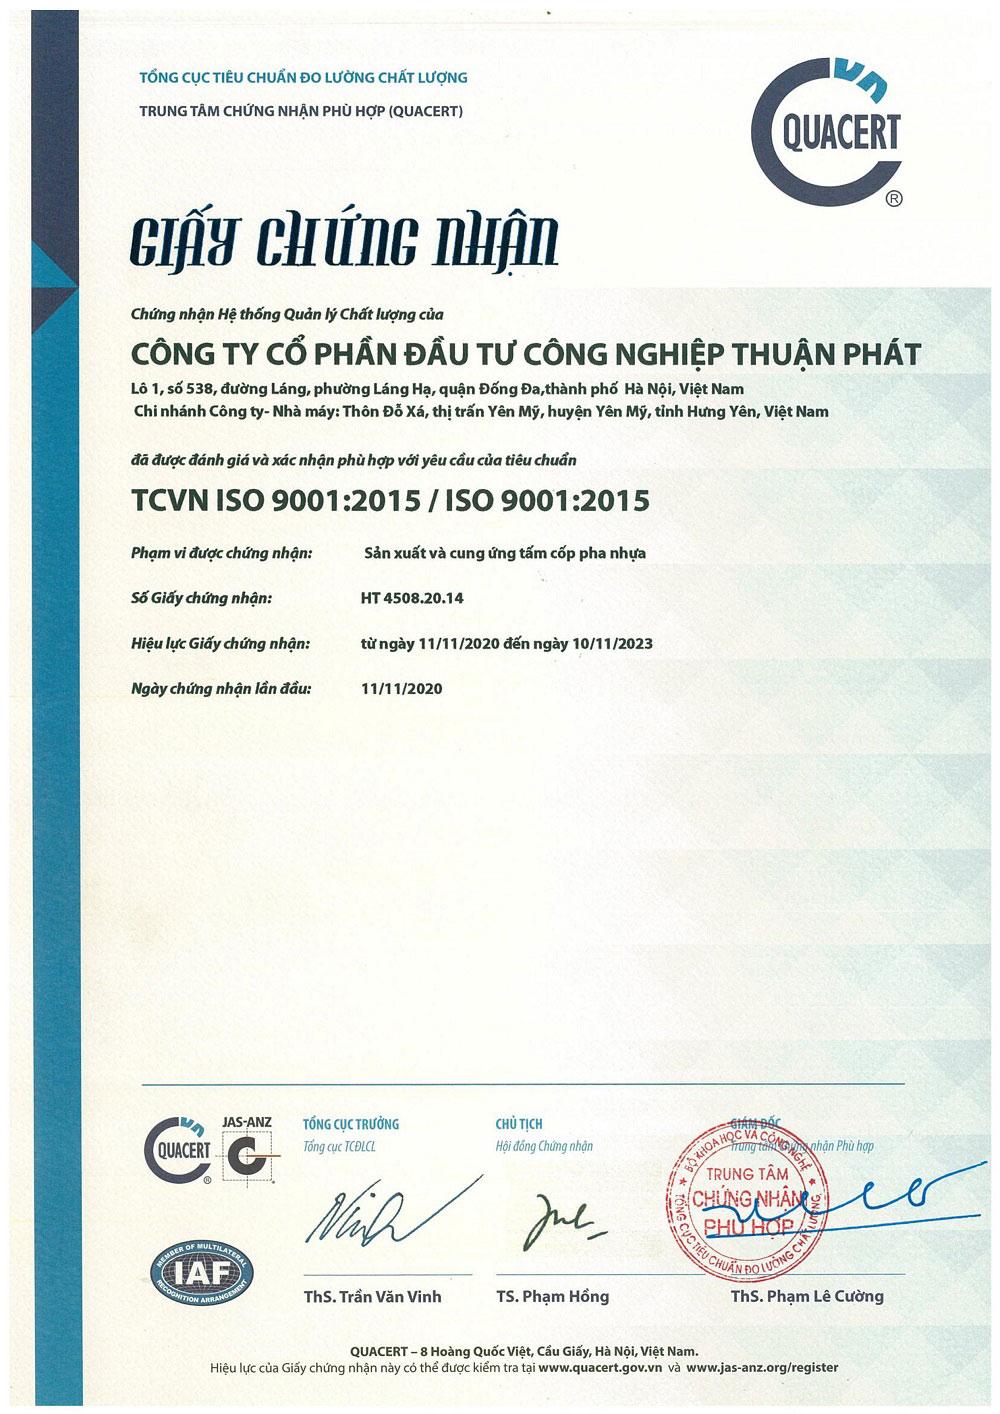 chứng chỉ Iso 9001:2015 được cấp cho Thuận Phát